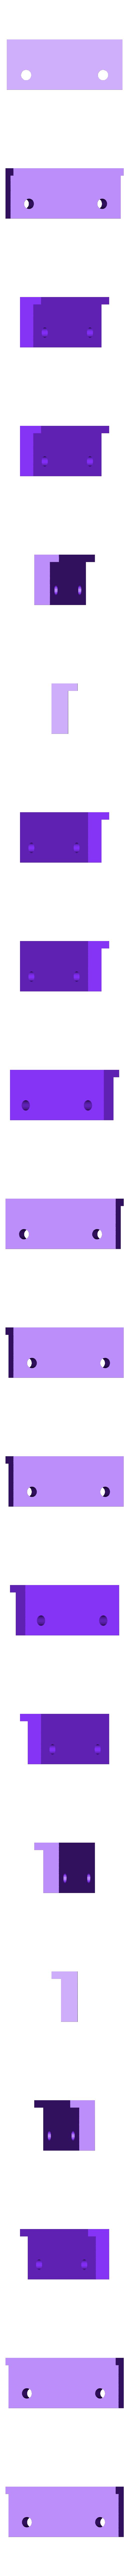 Right Rail Section No Threads.stl Télécharger fichier STL gratuit Glock 17 g17 • Design à imprimer en 3D, idy26